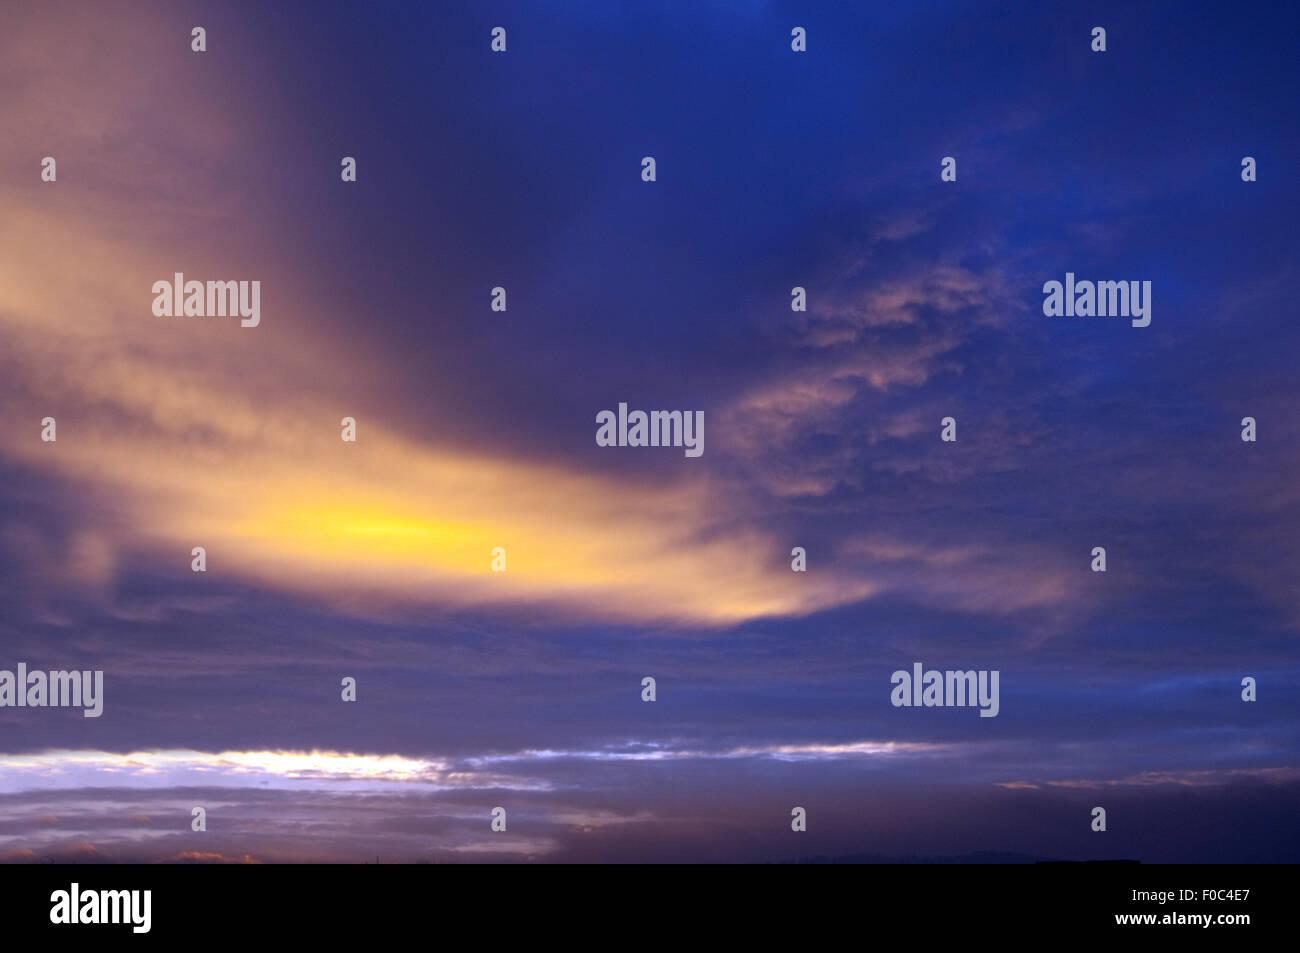 Morgenroete, Impression, Morgenstimmung, Stock Photo